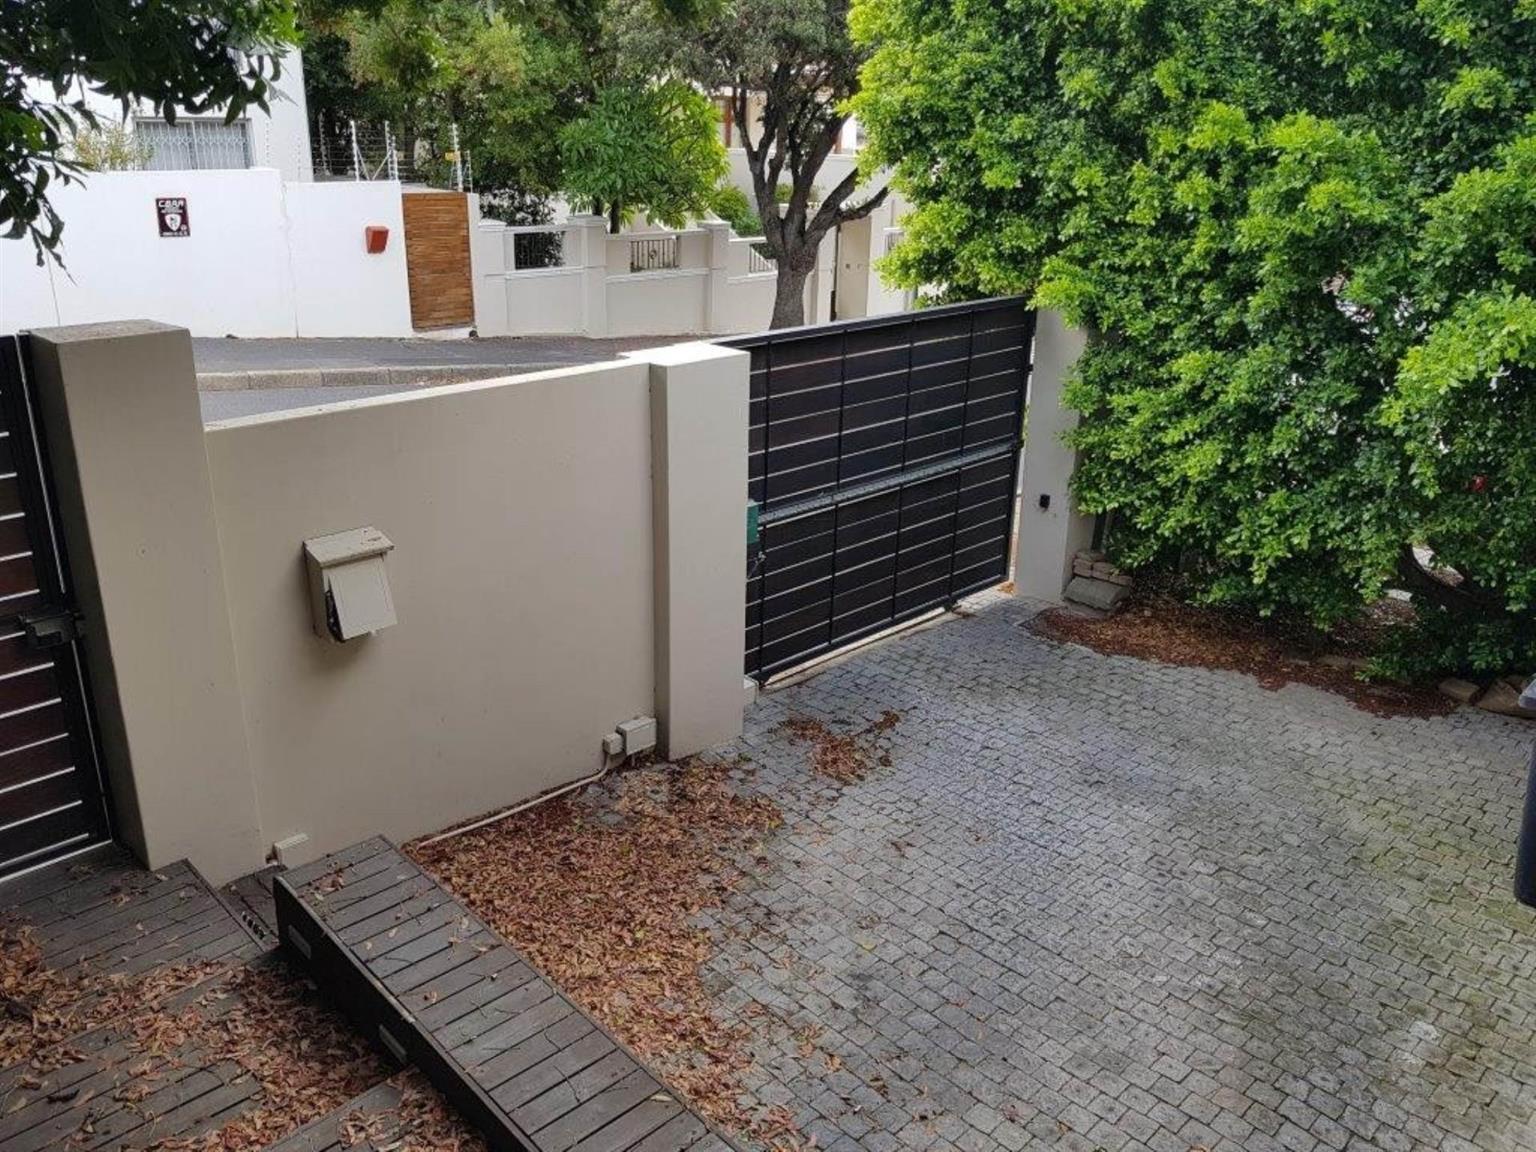 House Rental Monthly in VREDEHOEK